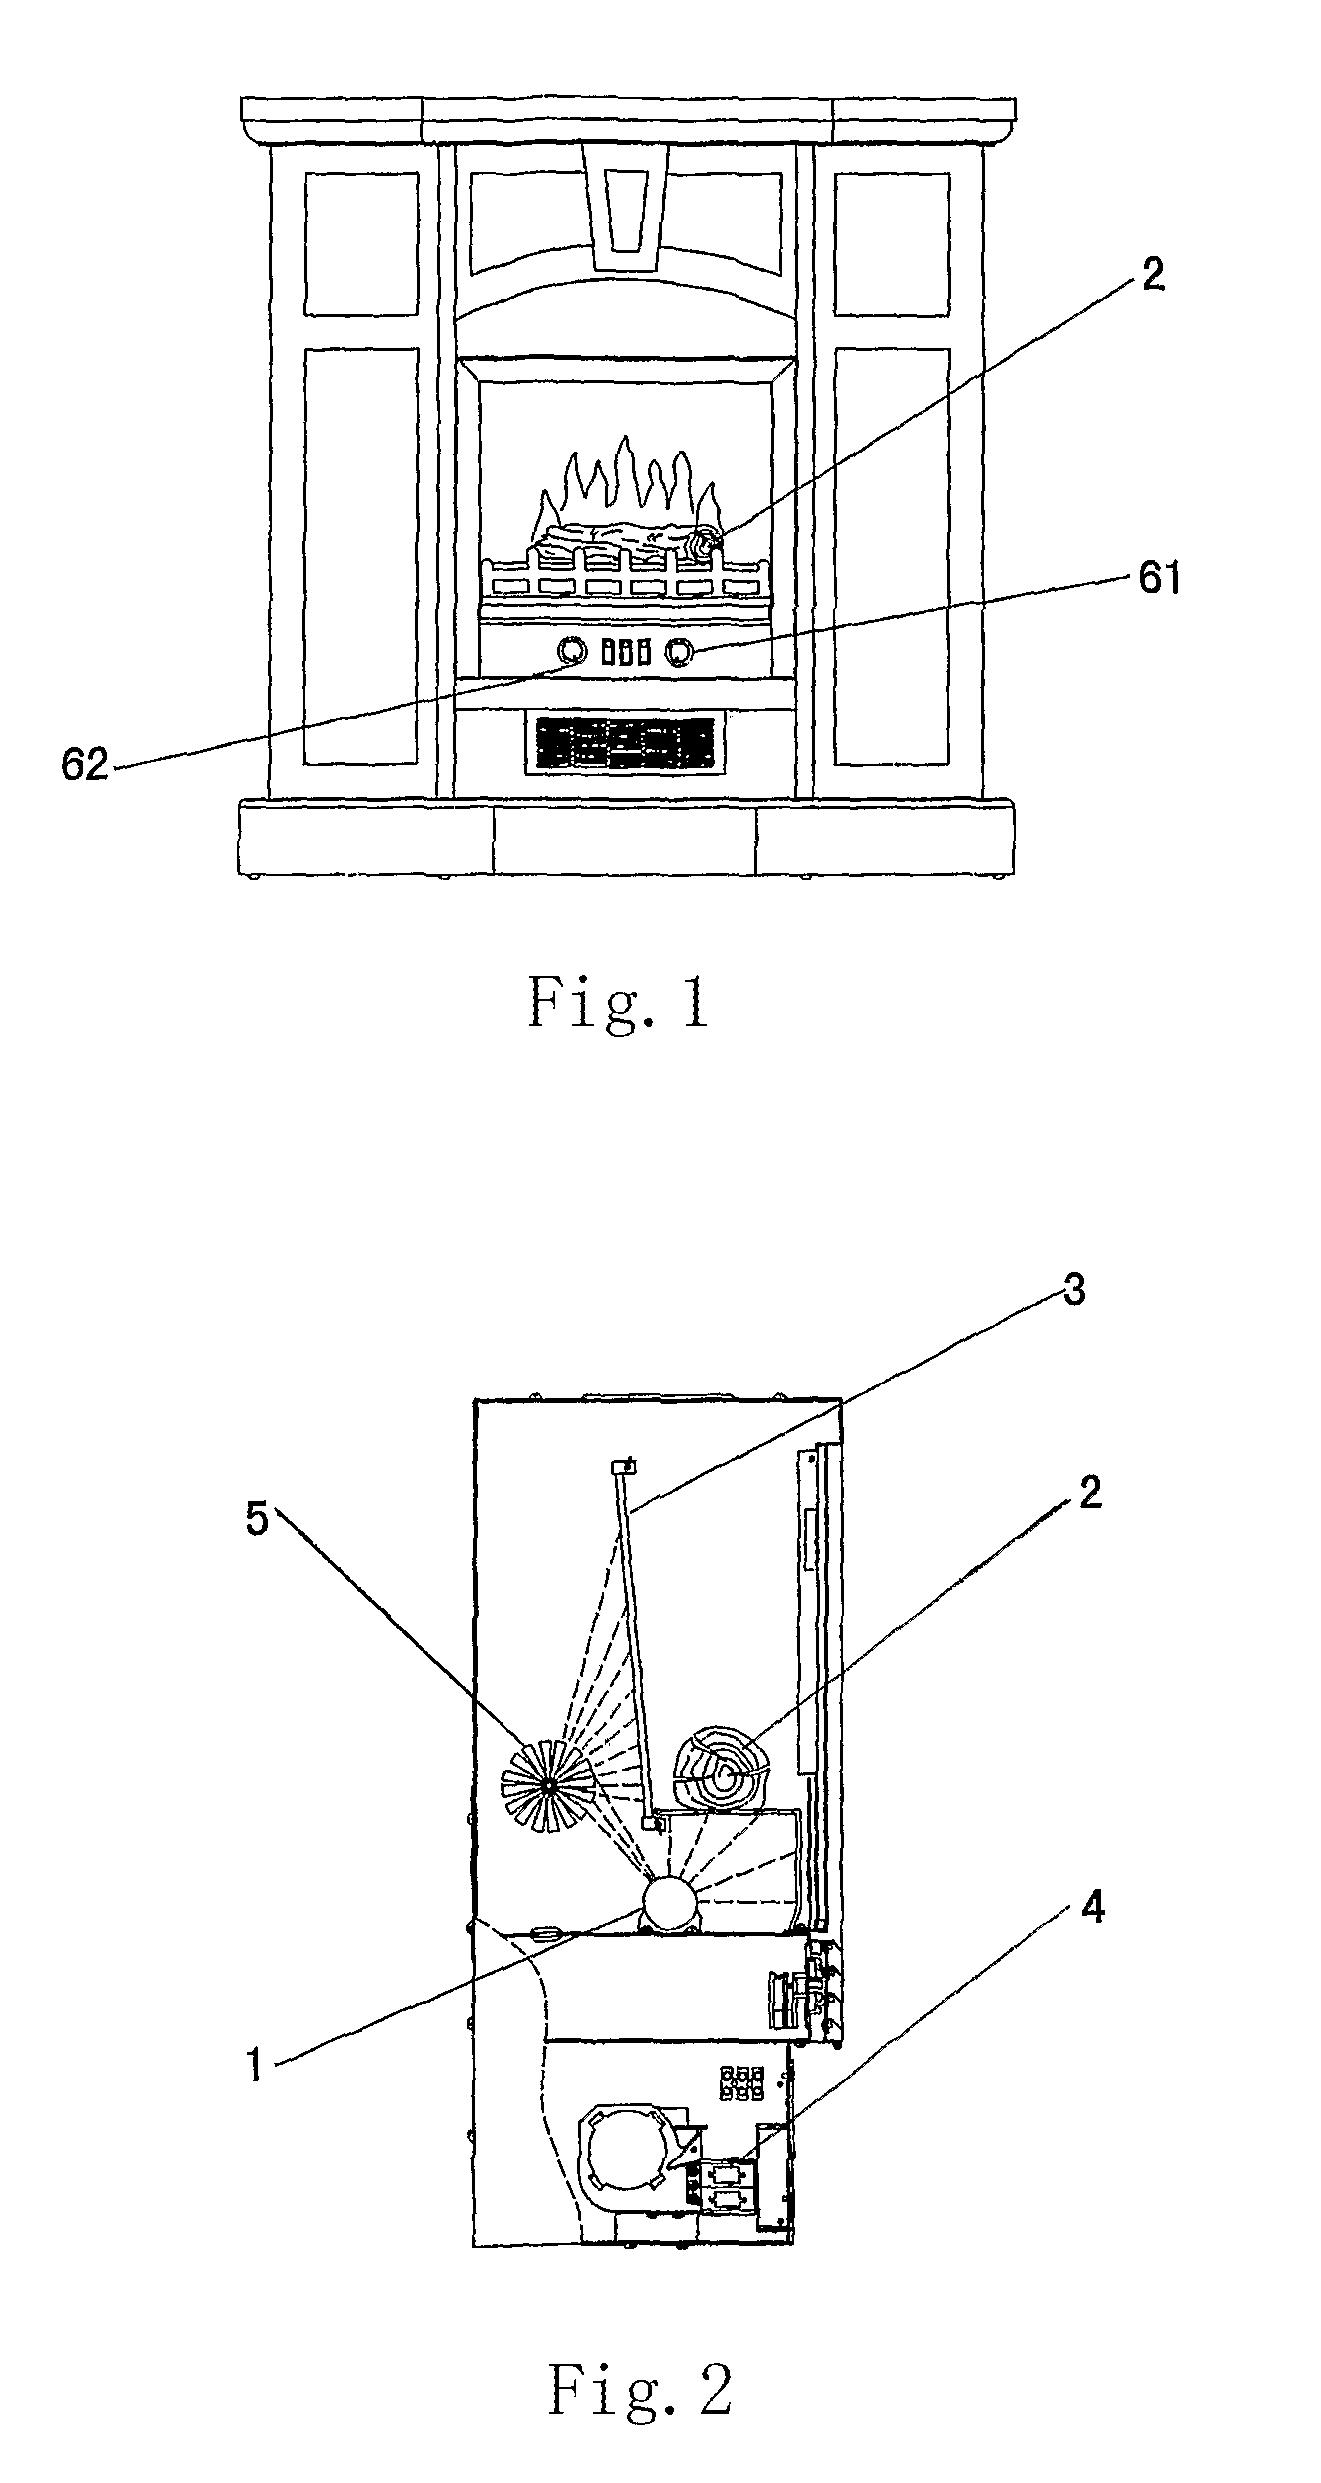 Fireplace Simulator Part - 38: Patent Drawing